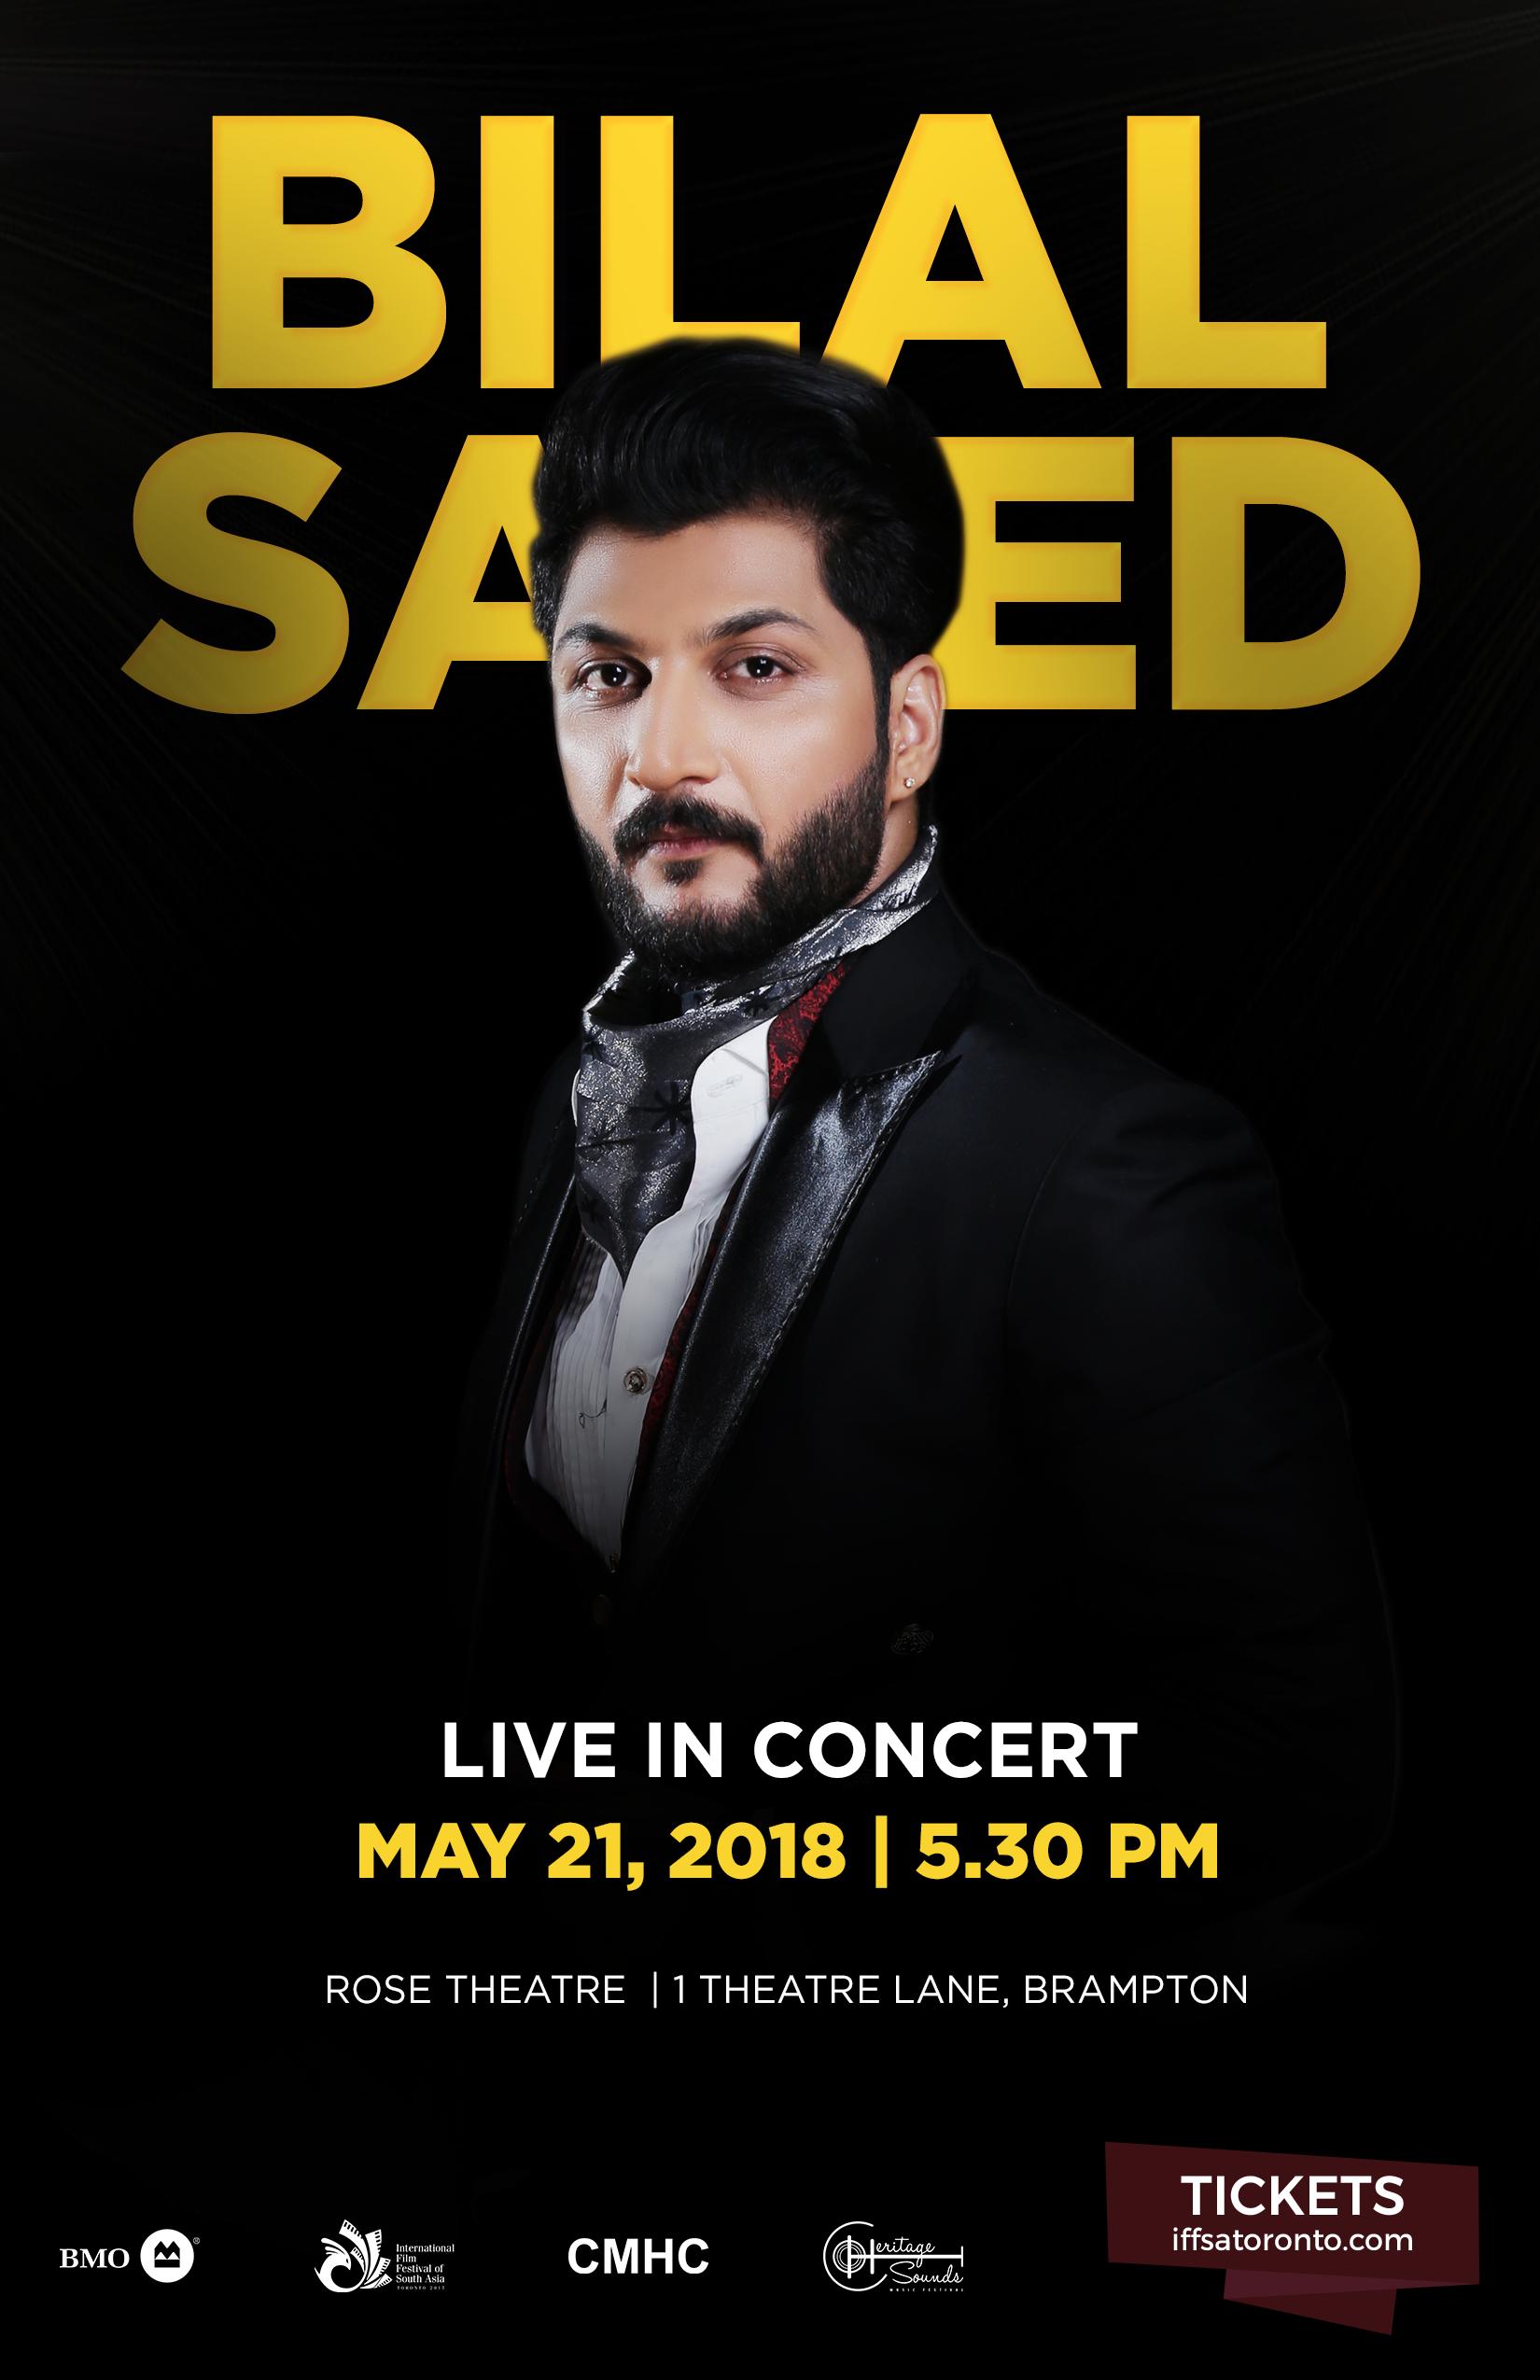 Bilal_Saeed_Poster